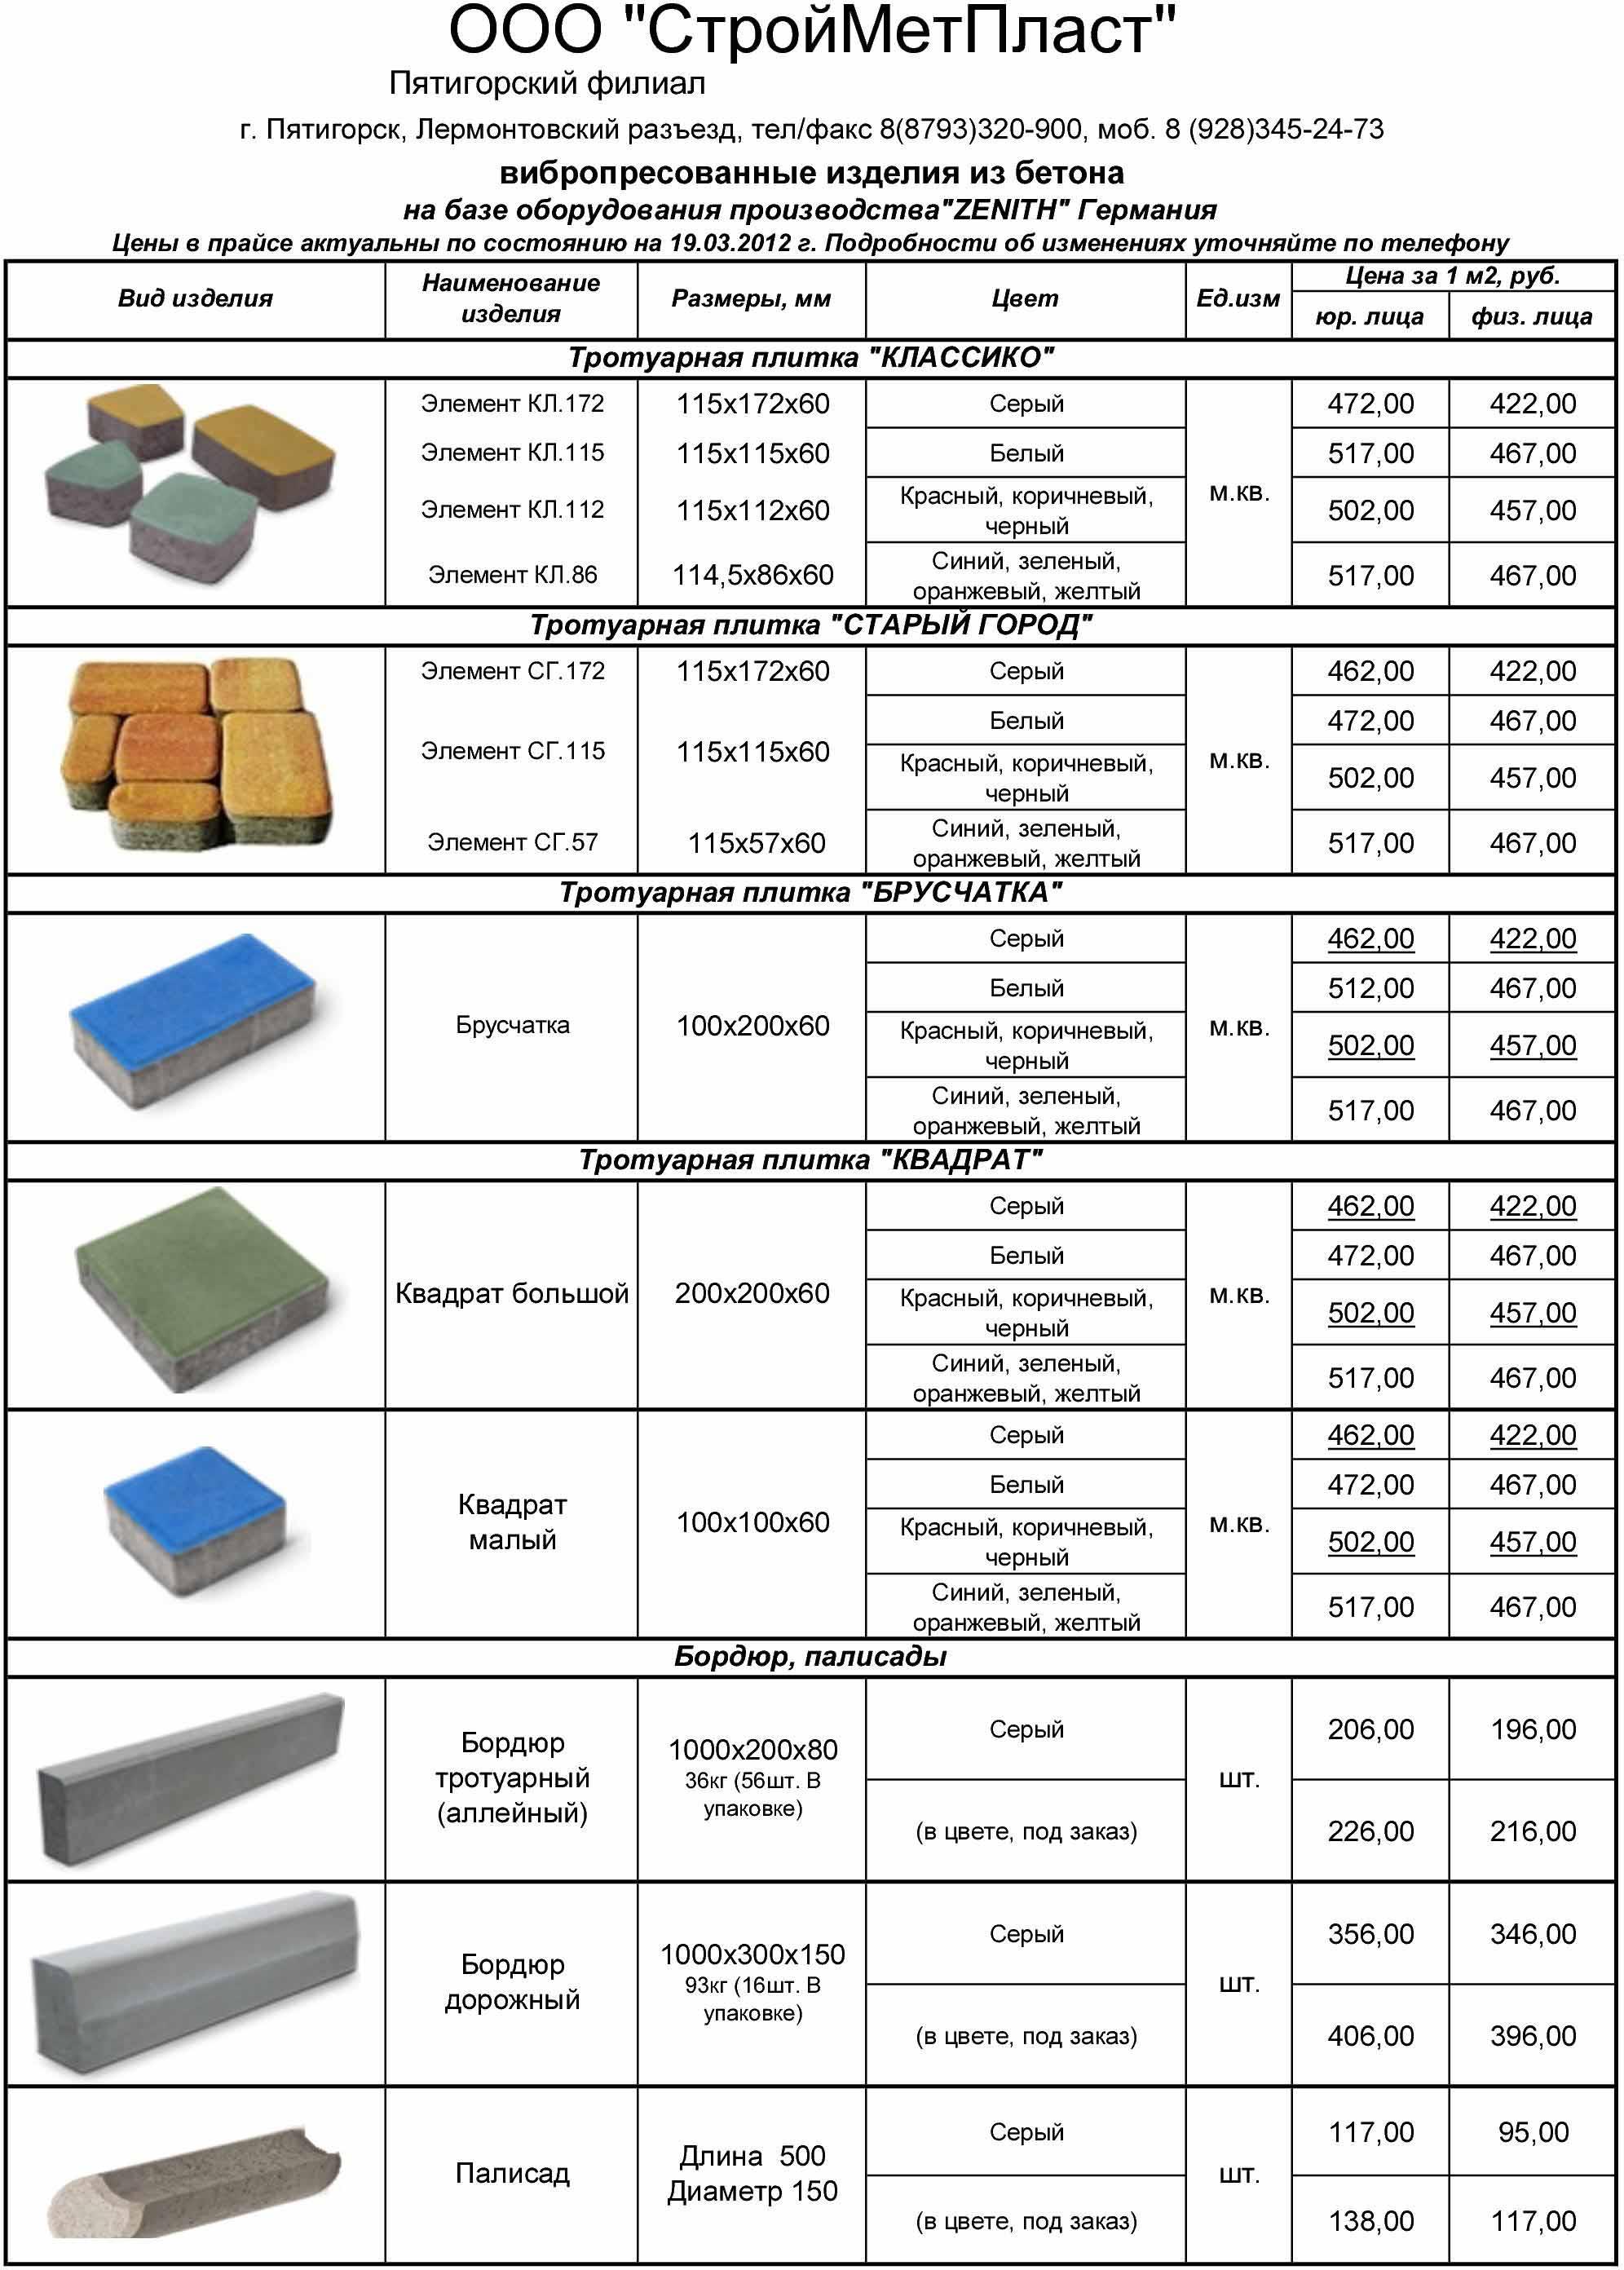 Соотношение песок цемент при укладке тротуарной плитки